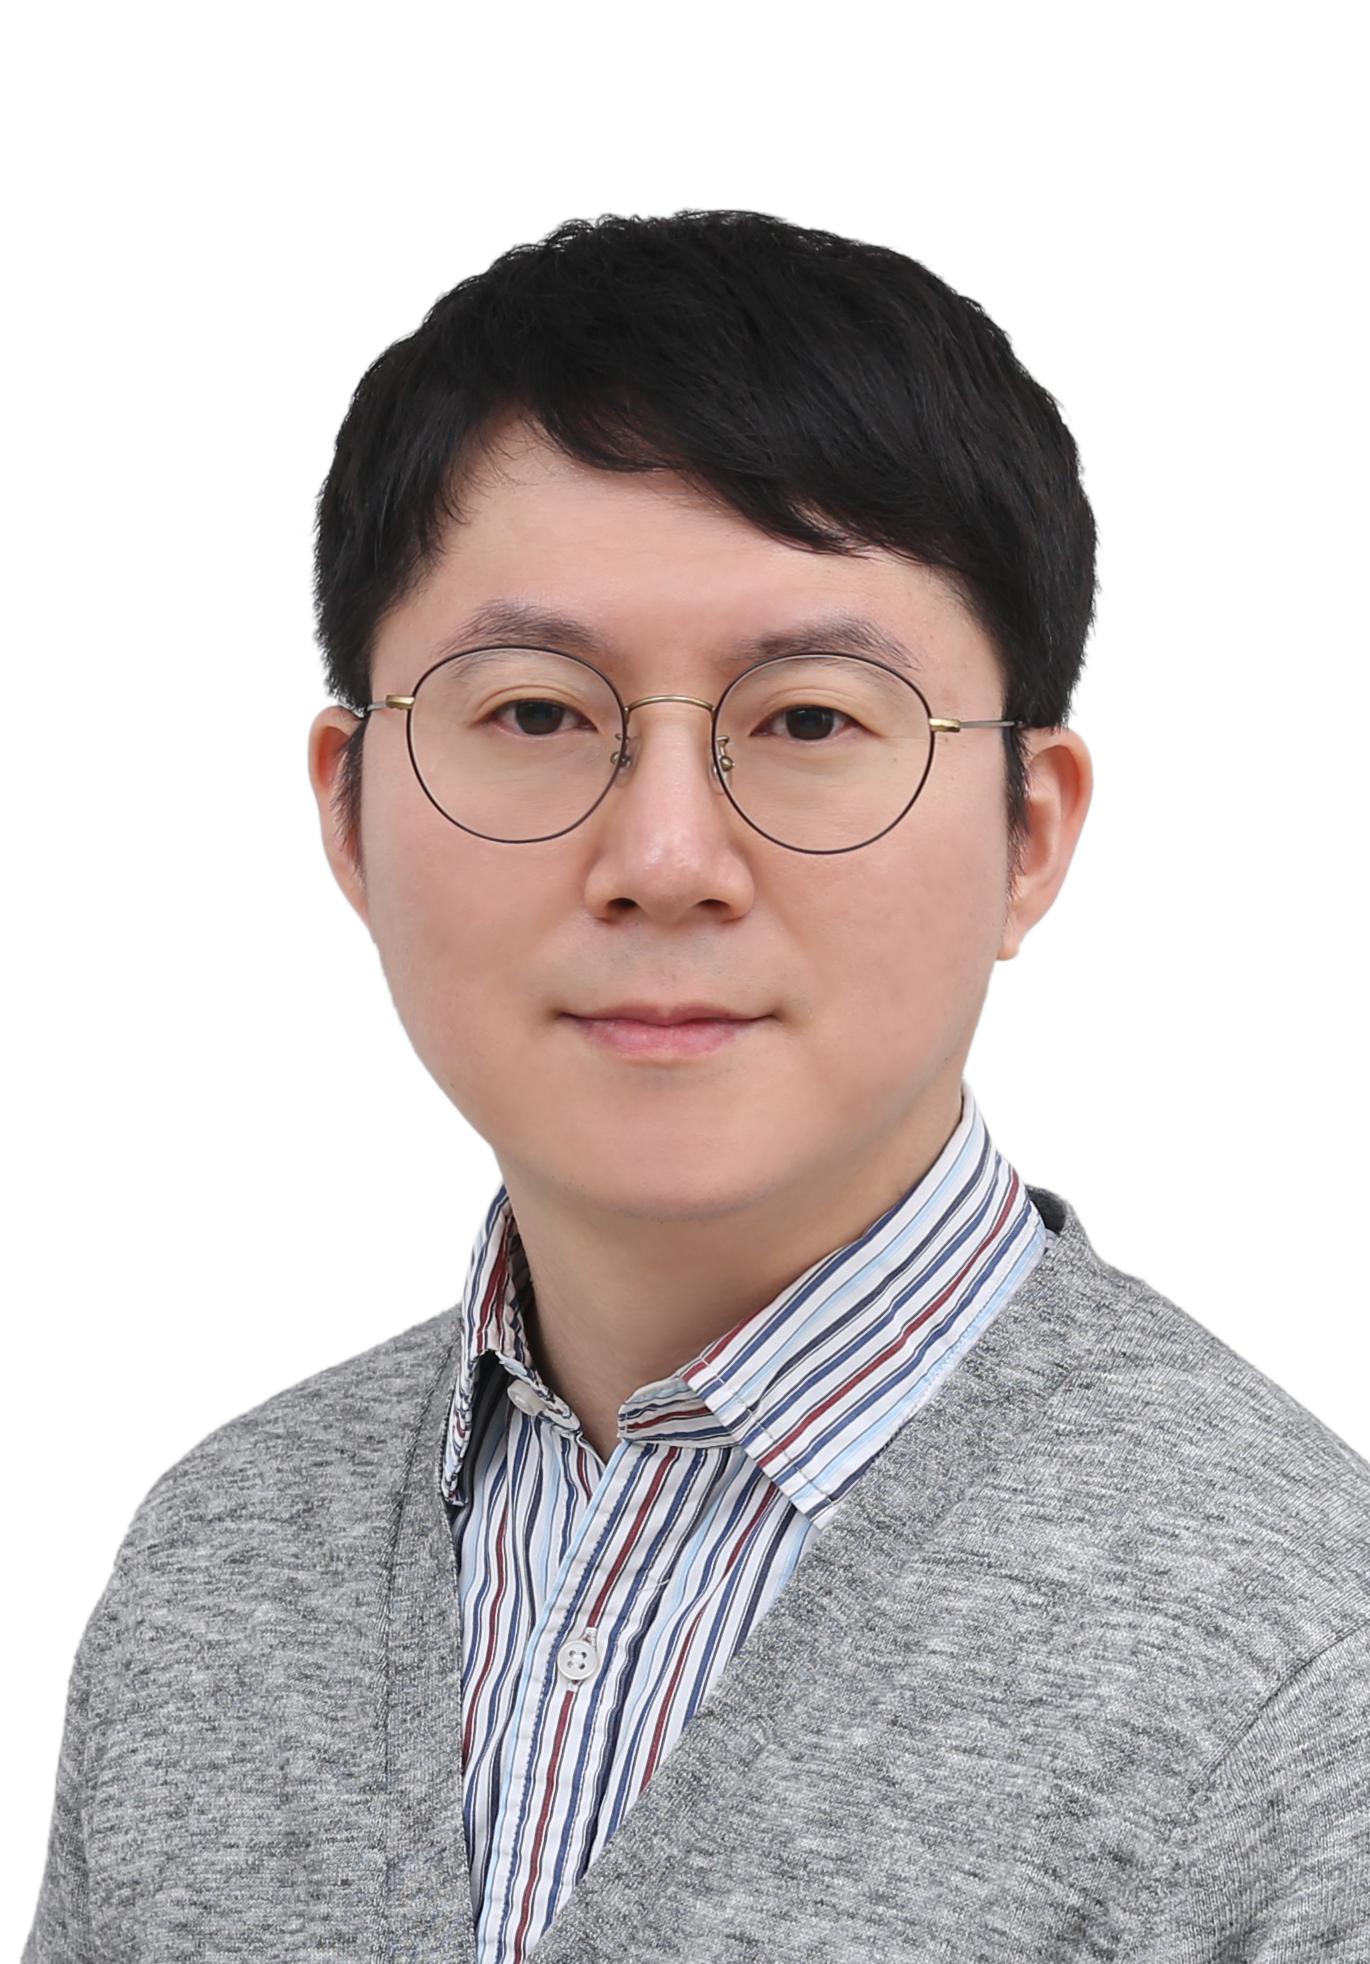 신영학 교수 사진